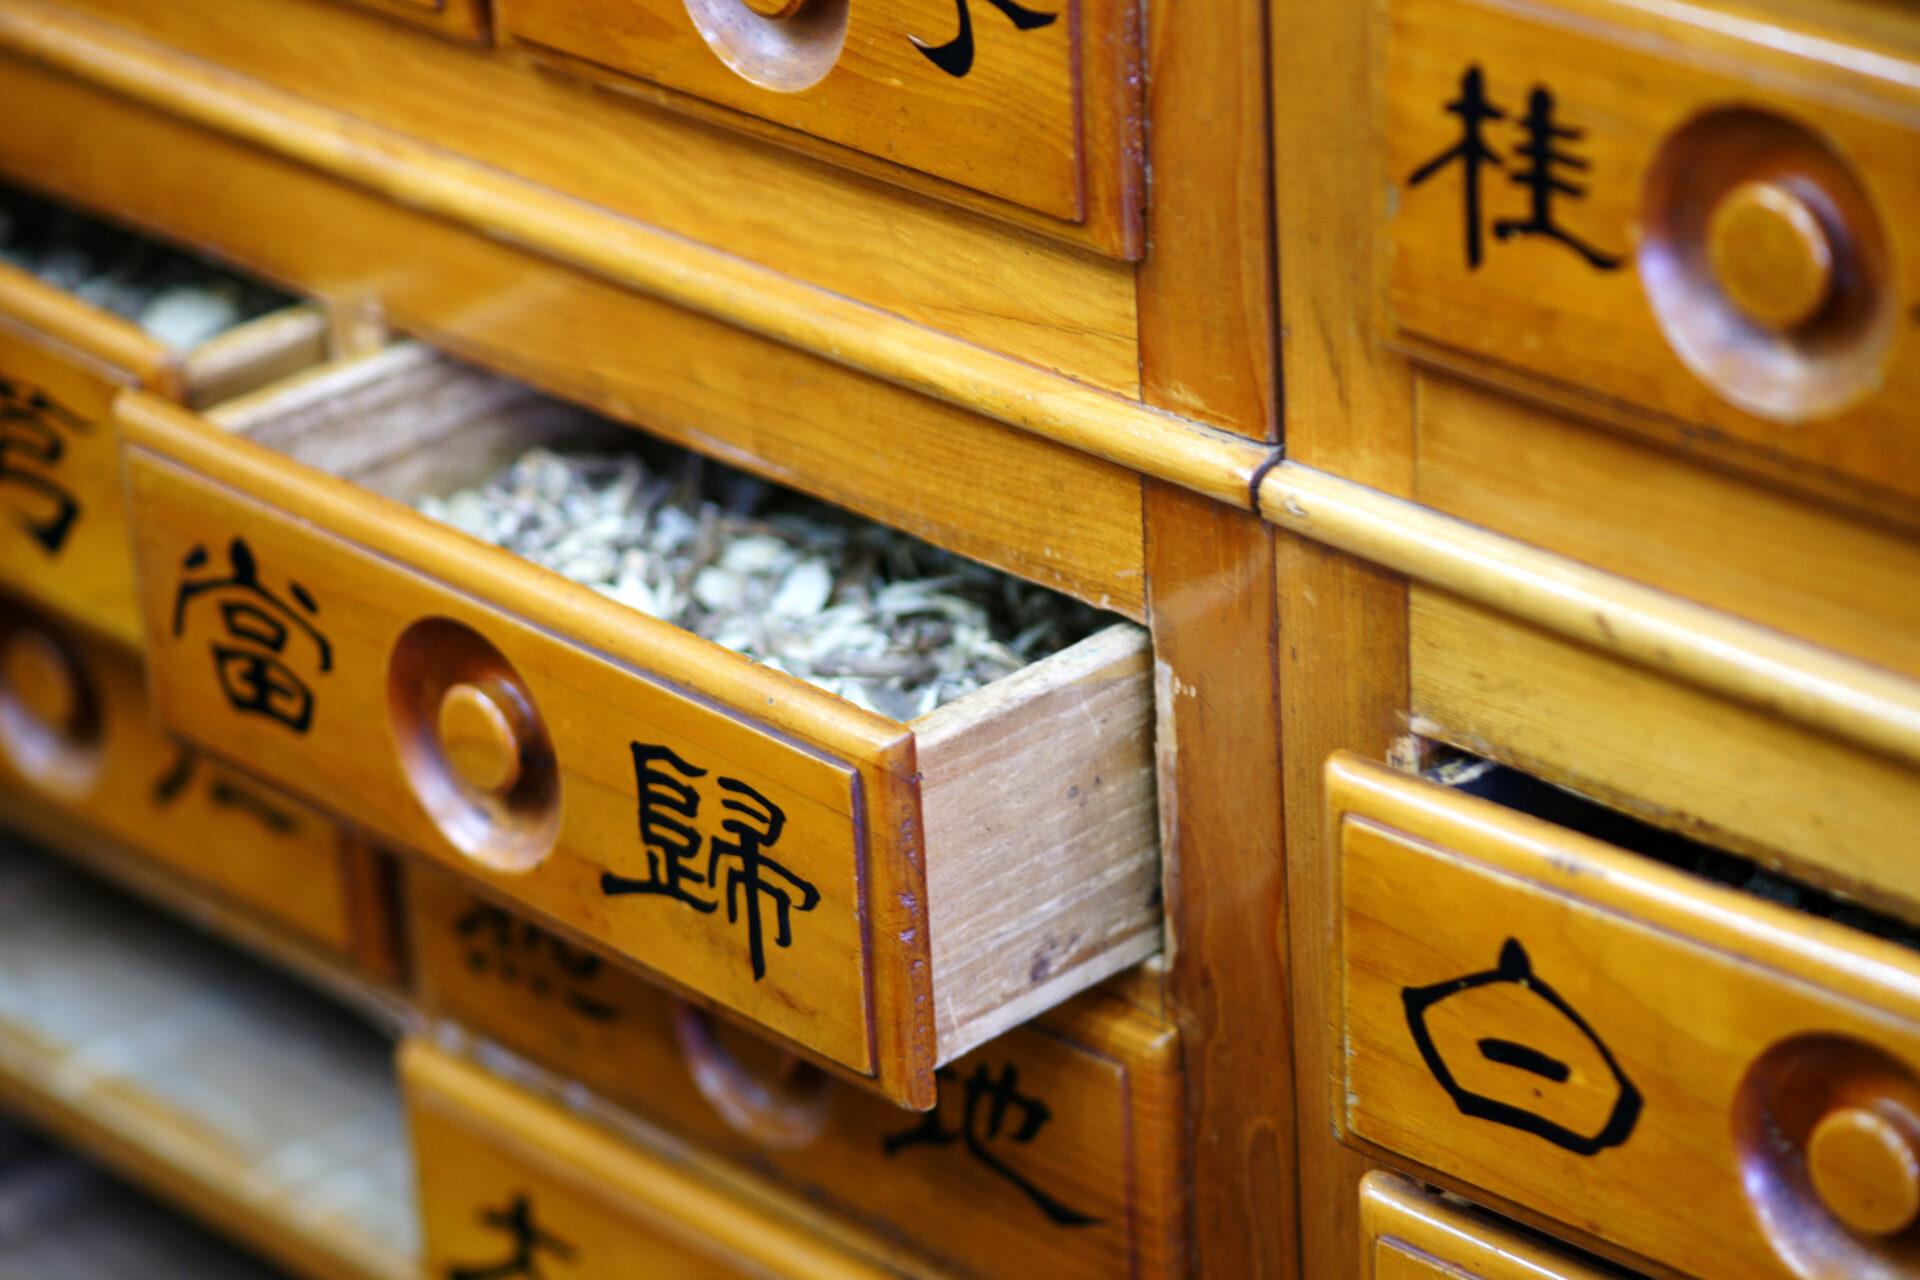 zdjęcie szafek z rozmaitymi znaczkami